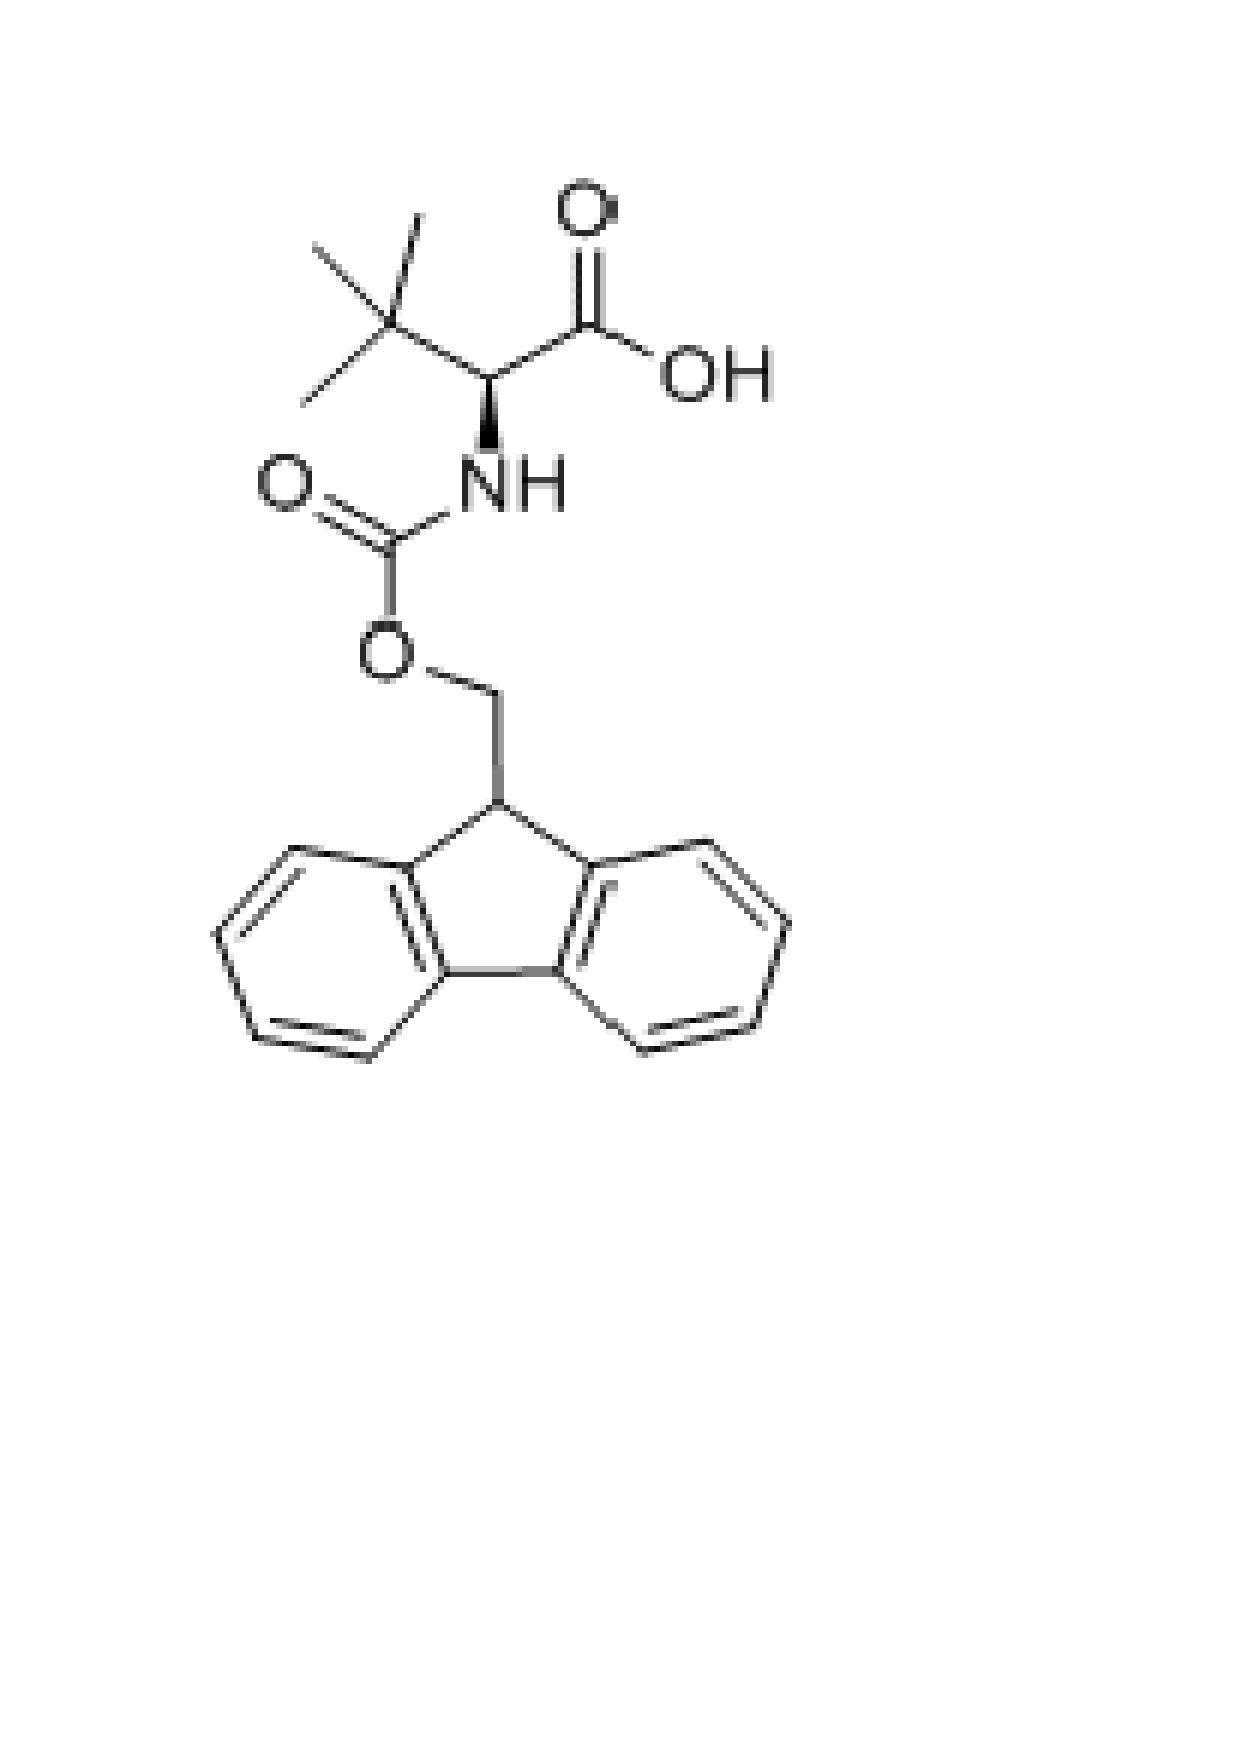 Fmoc-L-tert-leucine, CAS NO:132684-60-7